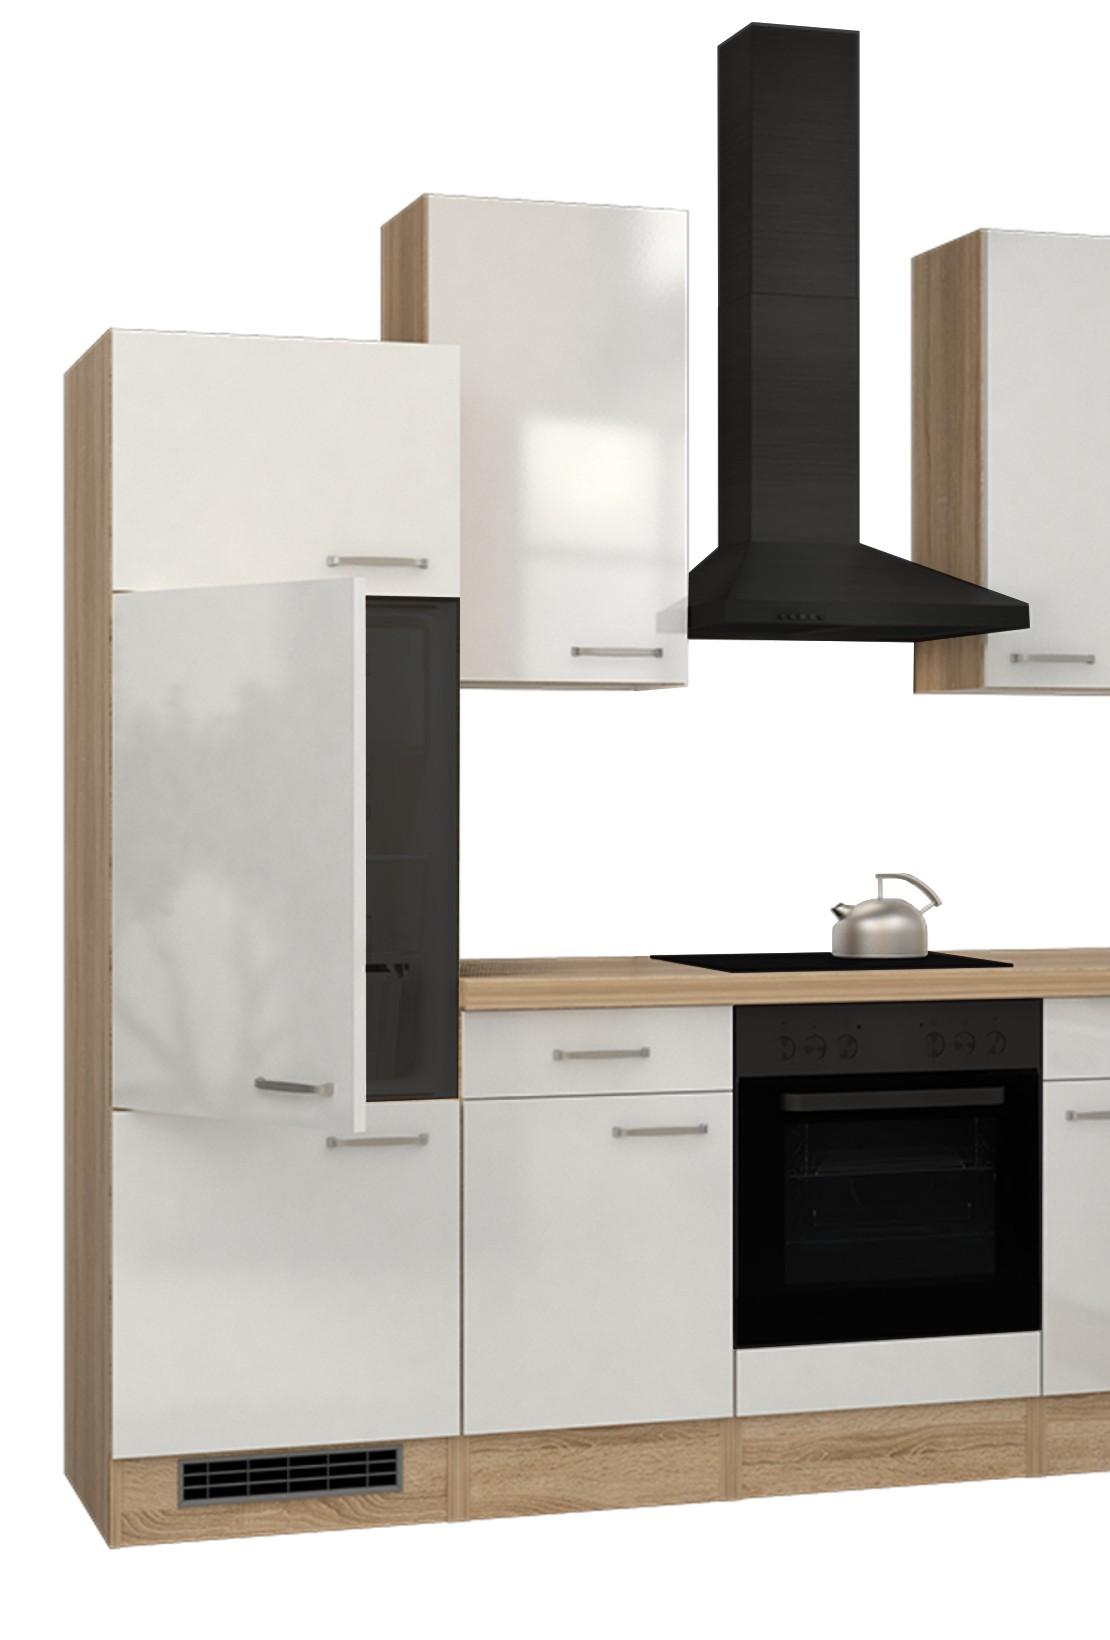 l k che ohne elektroger te. Black Bedroom Furniture Sets. Home Design Ideas